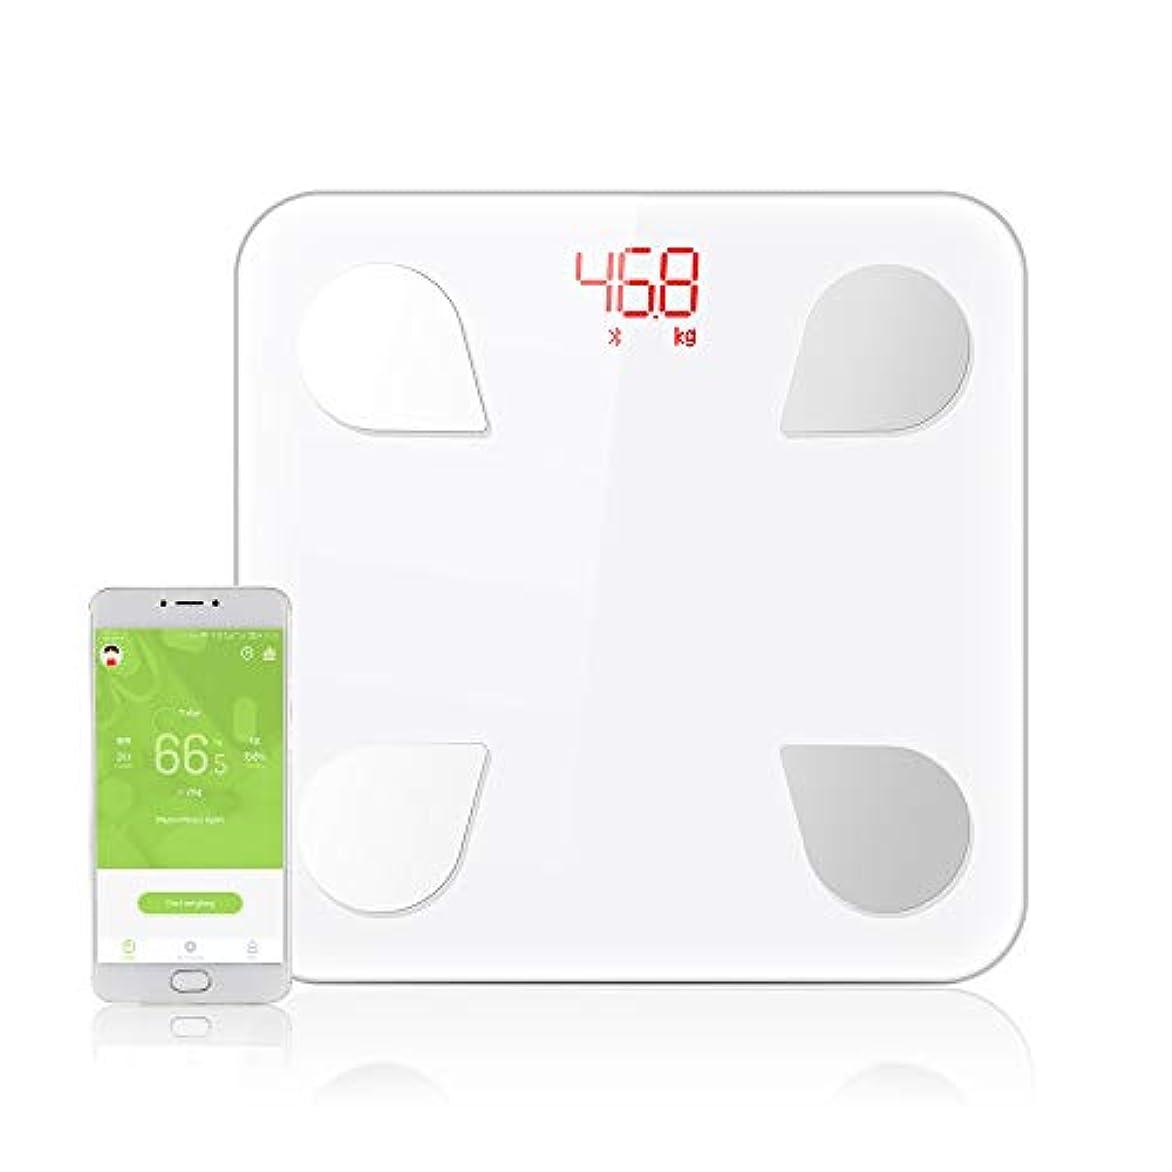 オピエートパイプラジカルLANNIU 体重?体組成計 Bluetooth スマホ 体脂肪計 体重計 スマホ連動 22種類測定可能 高精度 iOS/Androidアプリで健康管理 日本語説明書付き